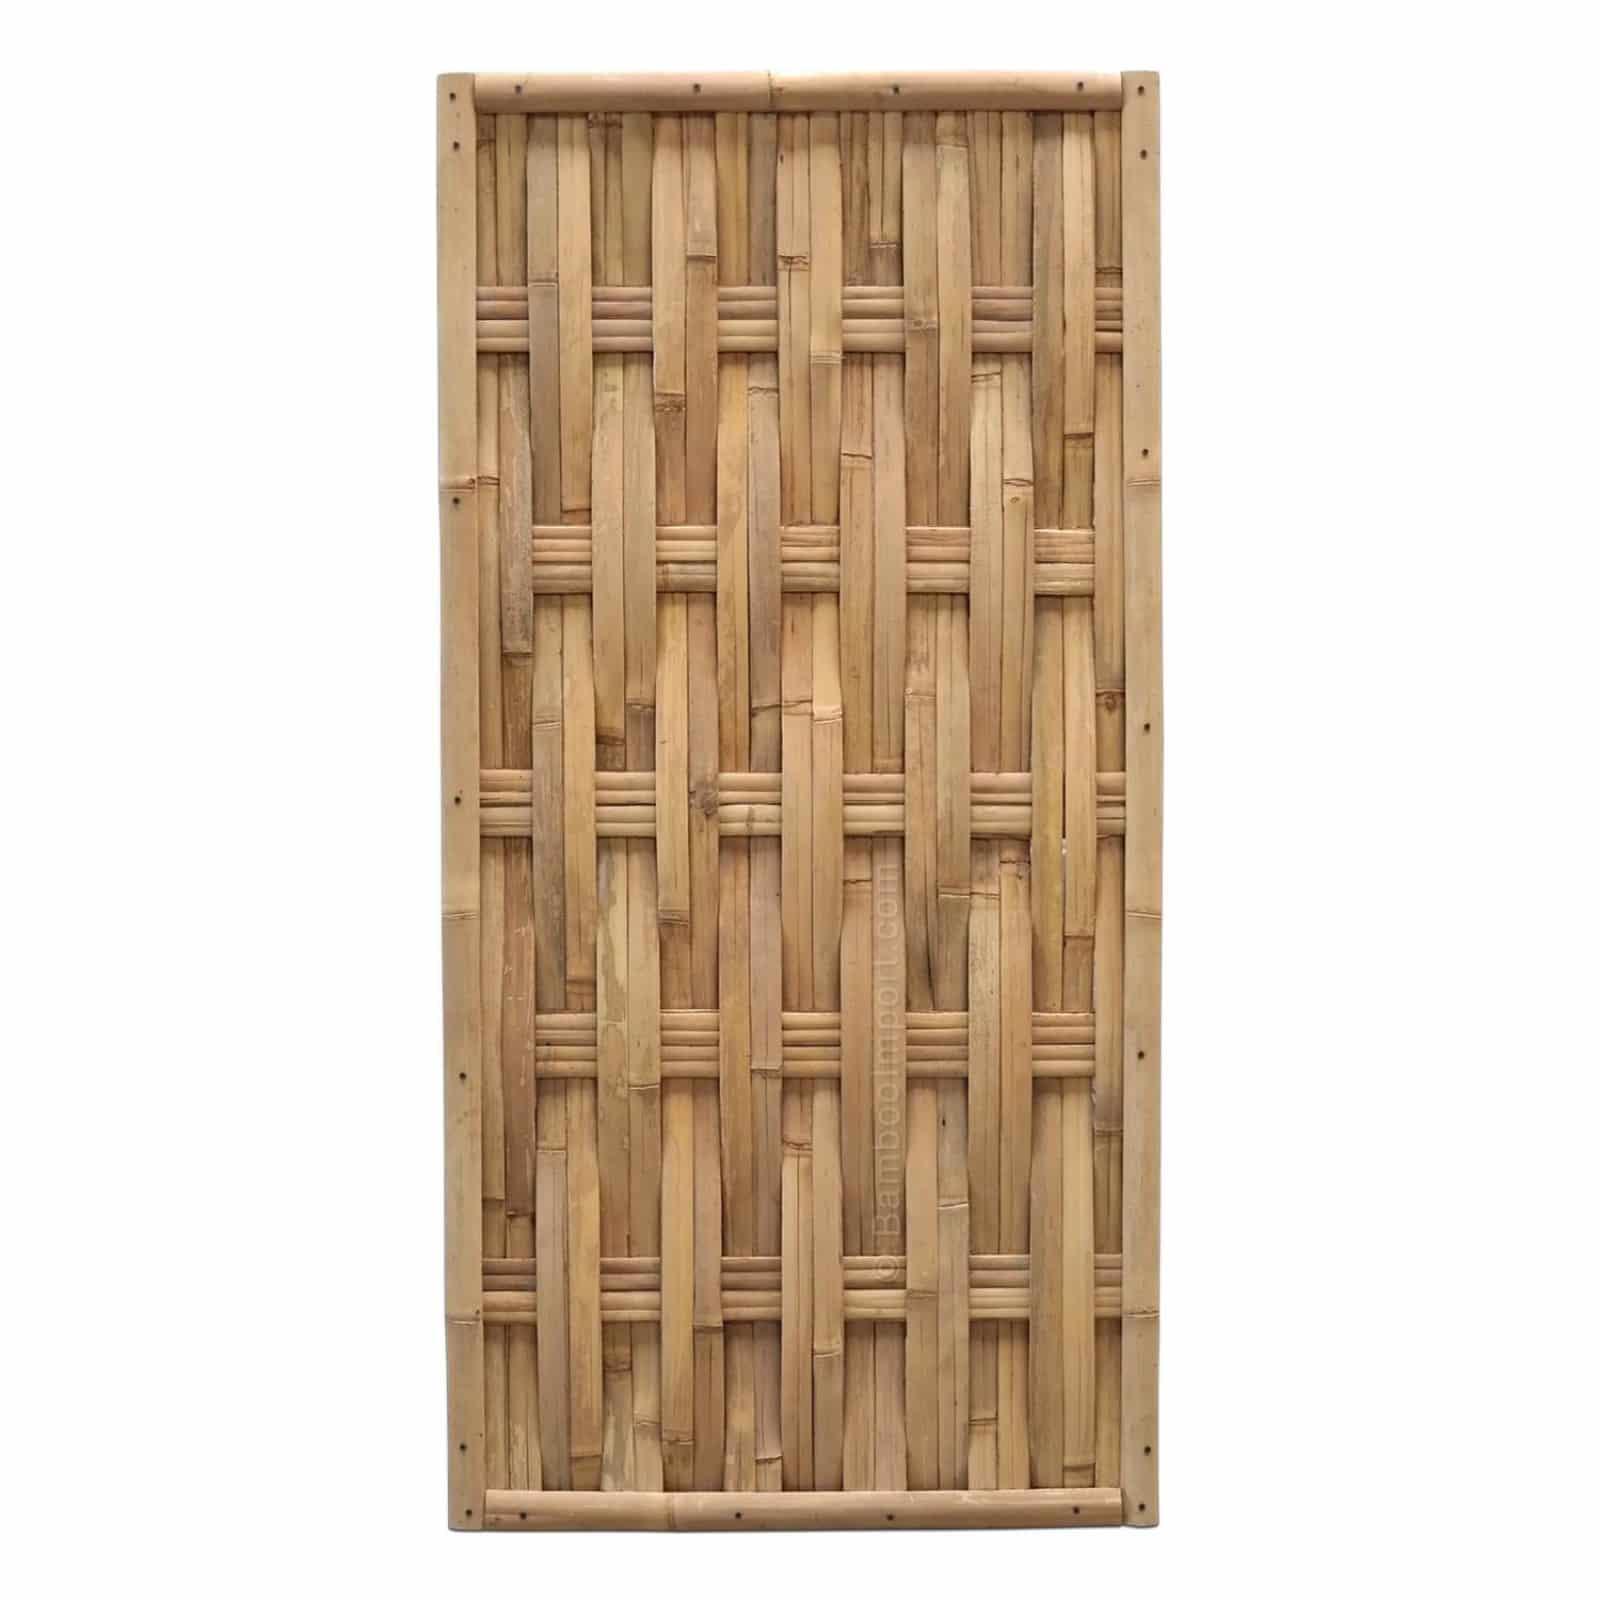 gevlochten-bamboescherm-verticaal-90-x-180-cm